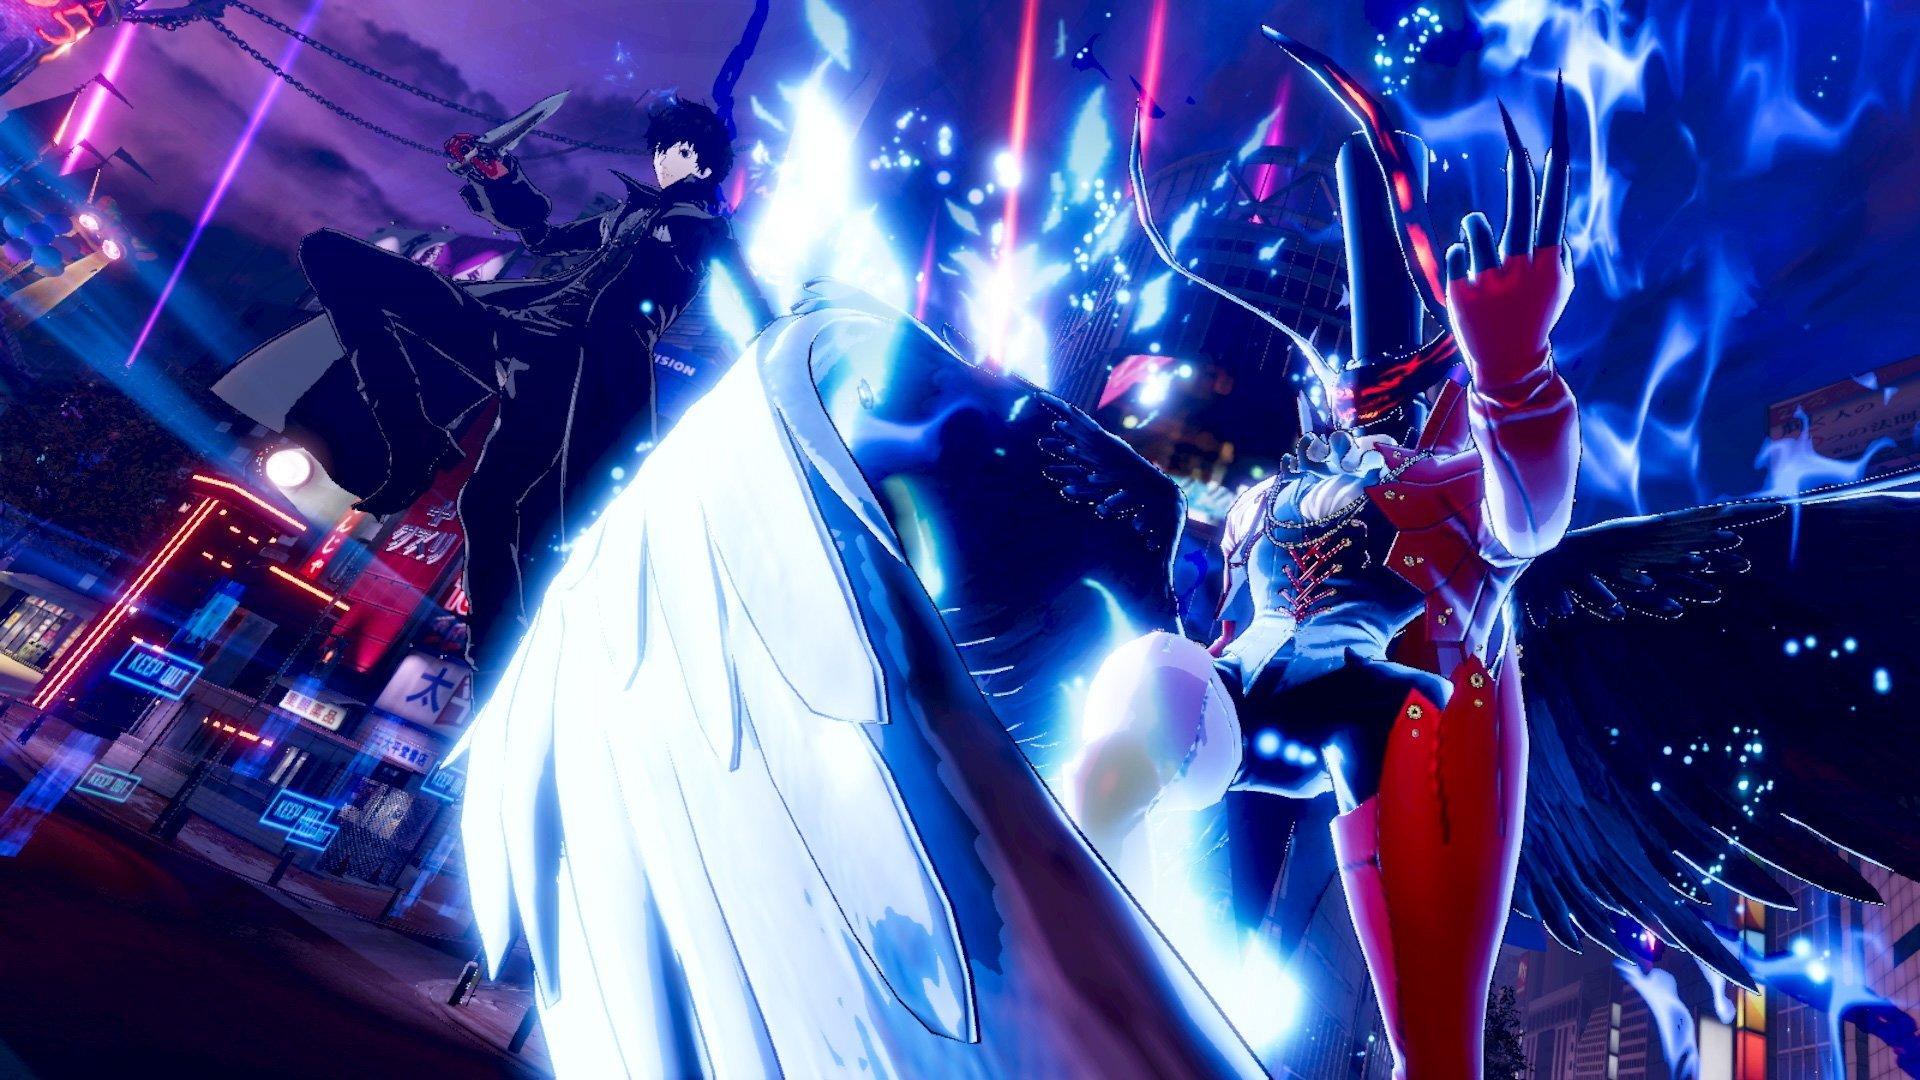 Persona 5 Scramble ganha novas imagens com gameplay diferente 7